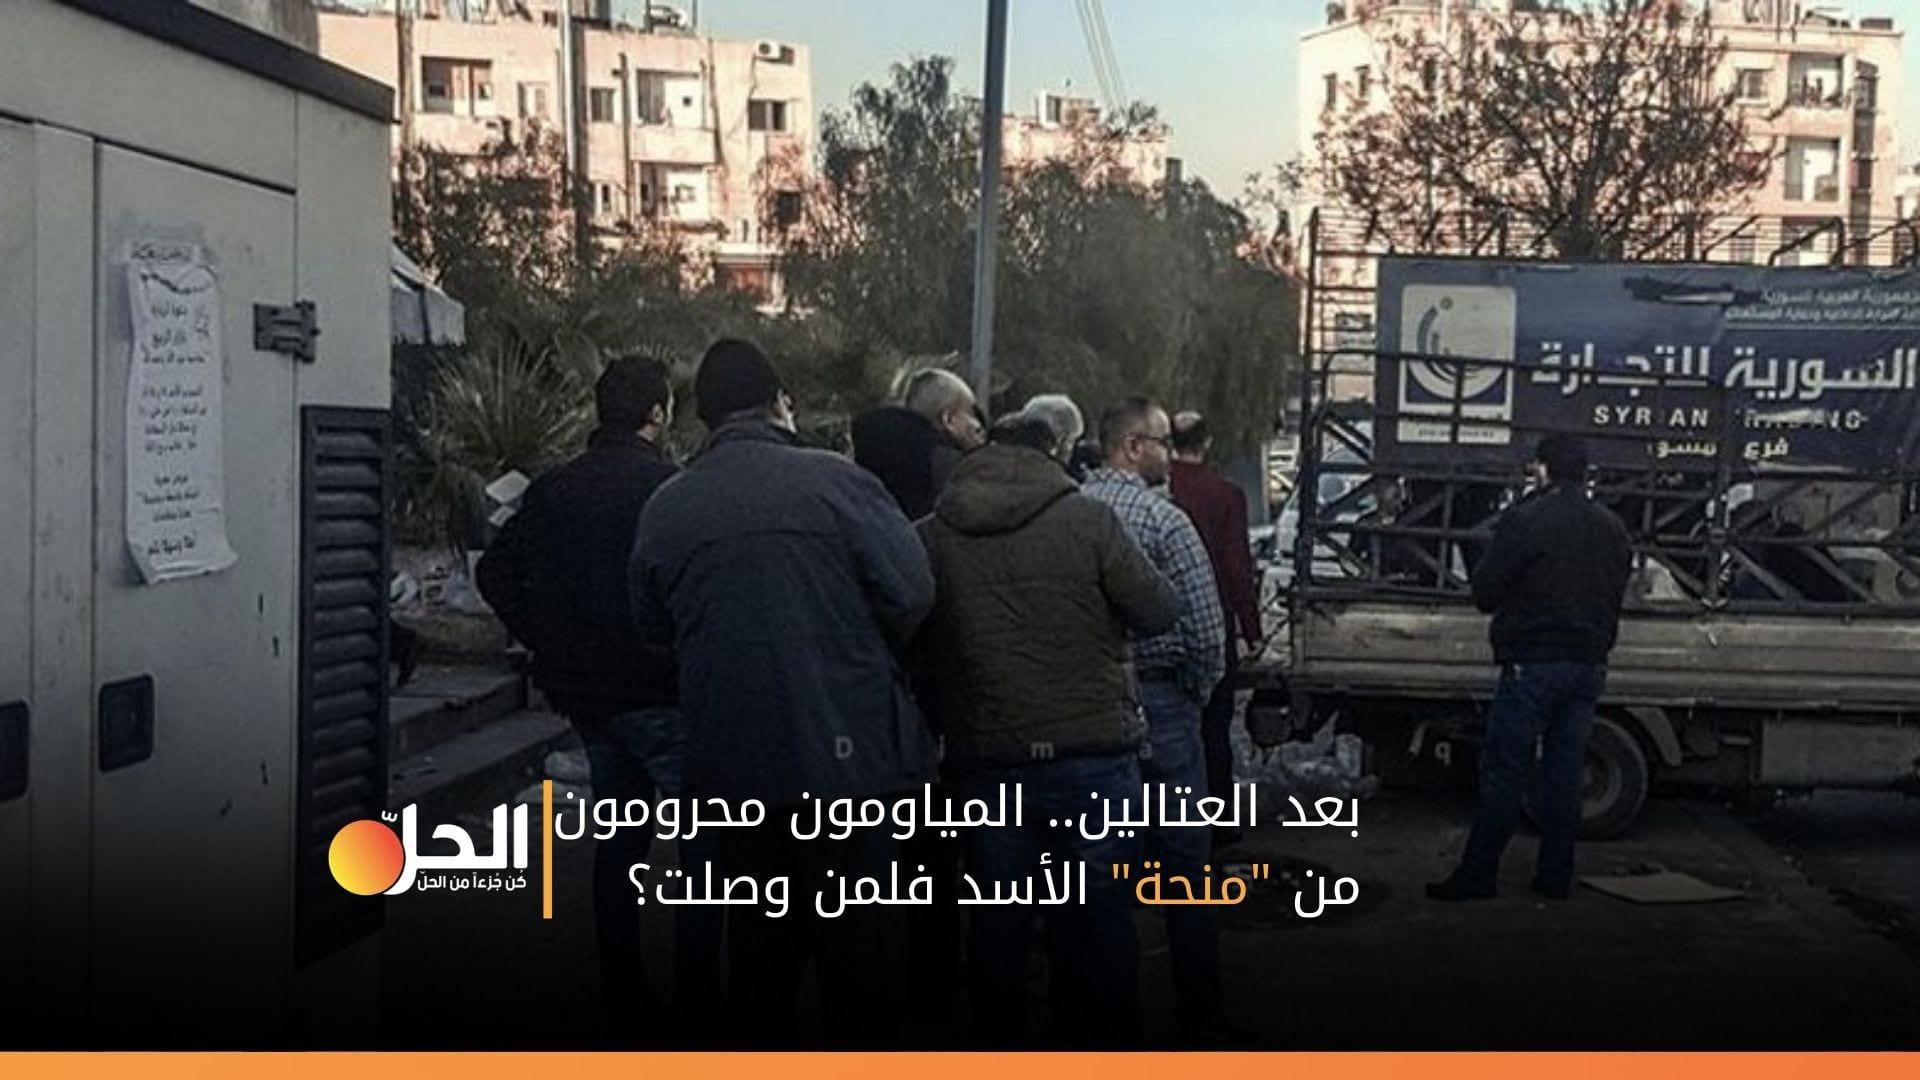 """بعد العتالين.. المياومون محرومون من """"منحة"""" الأسد فلمن وصلت؟"""